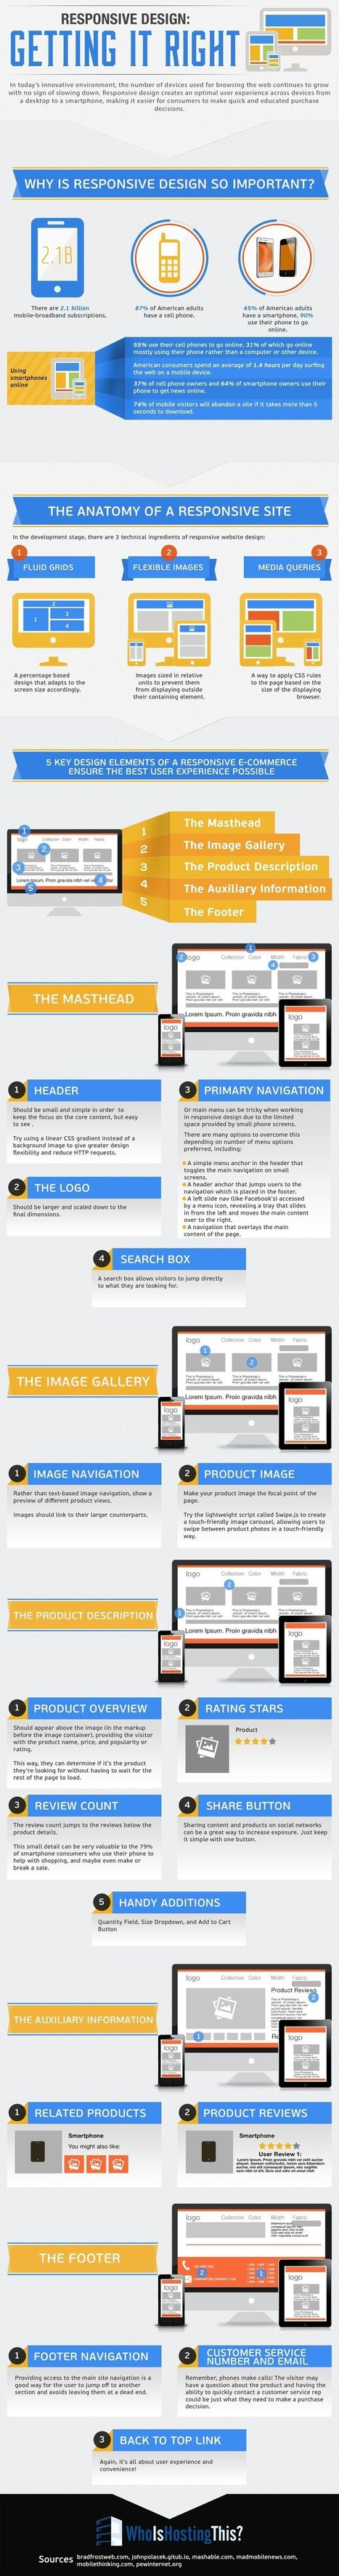 Buenas prácticas para crear sitios web Responsive | Inspección formal de usabilidad | Scoop.it